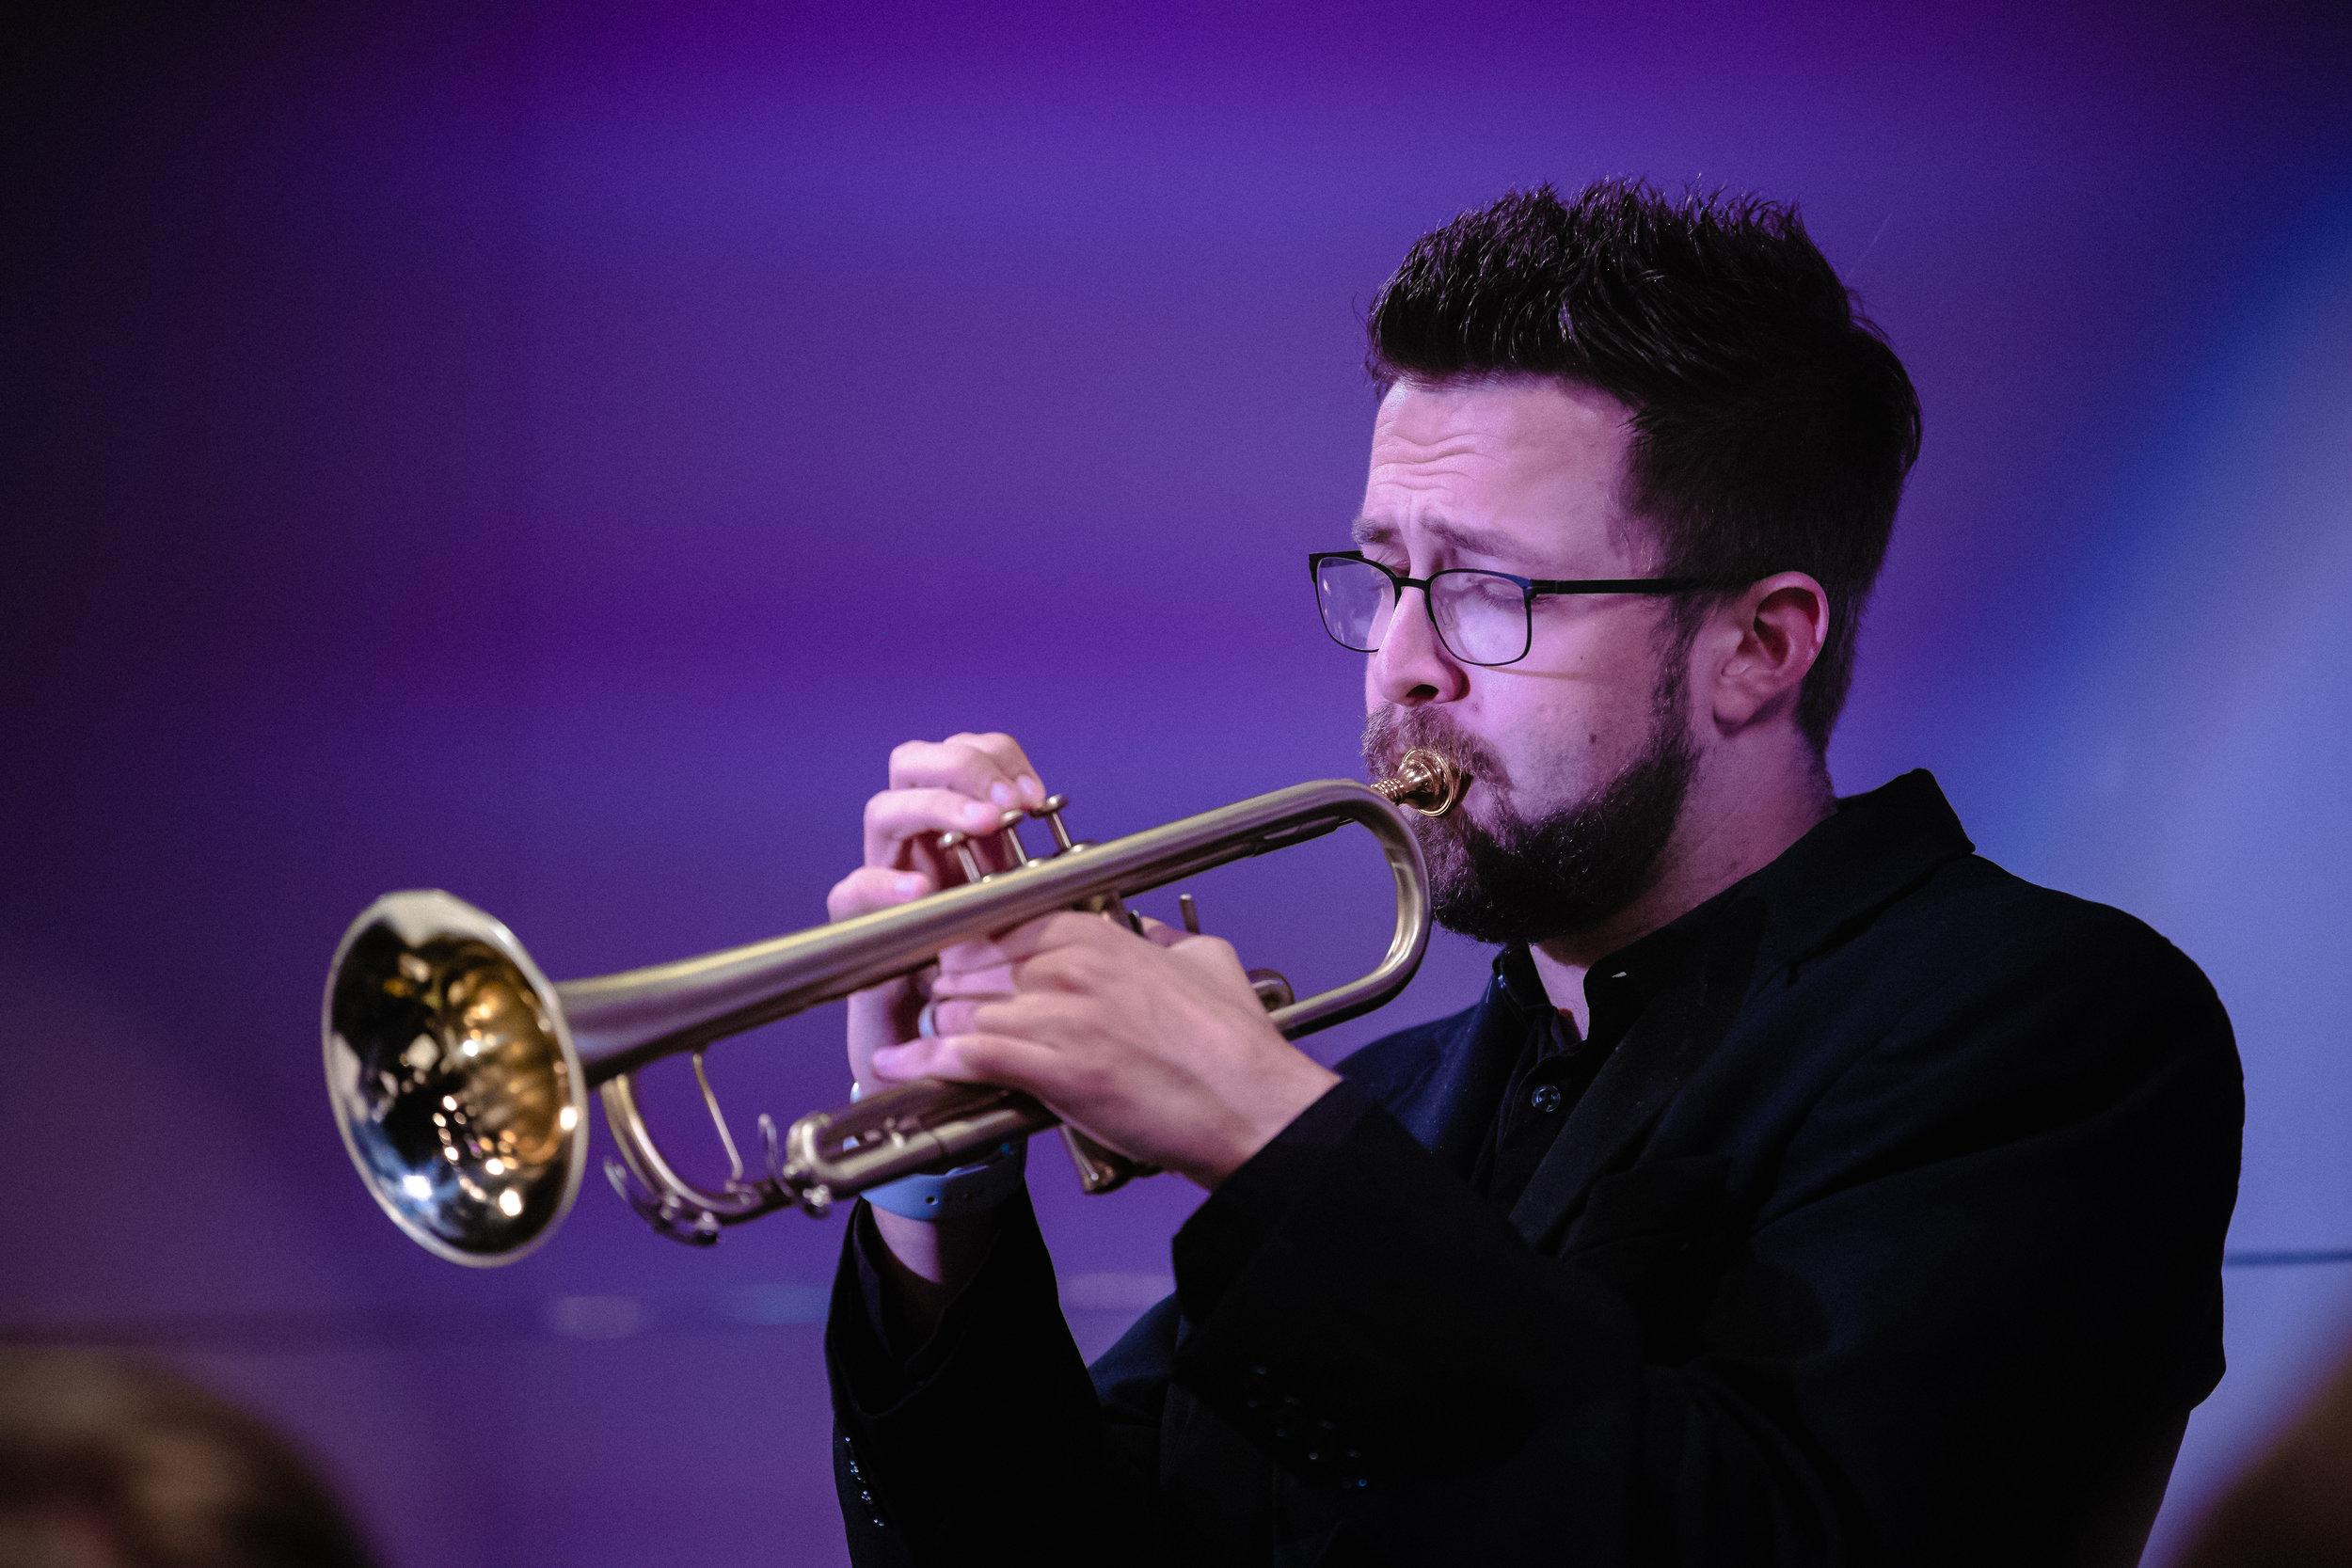 Scott Bell, trumpet